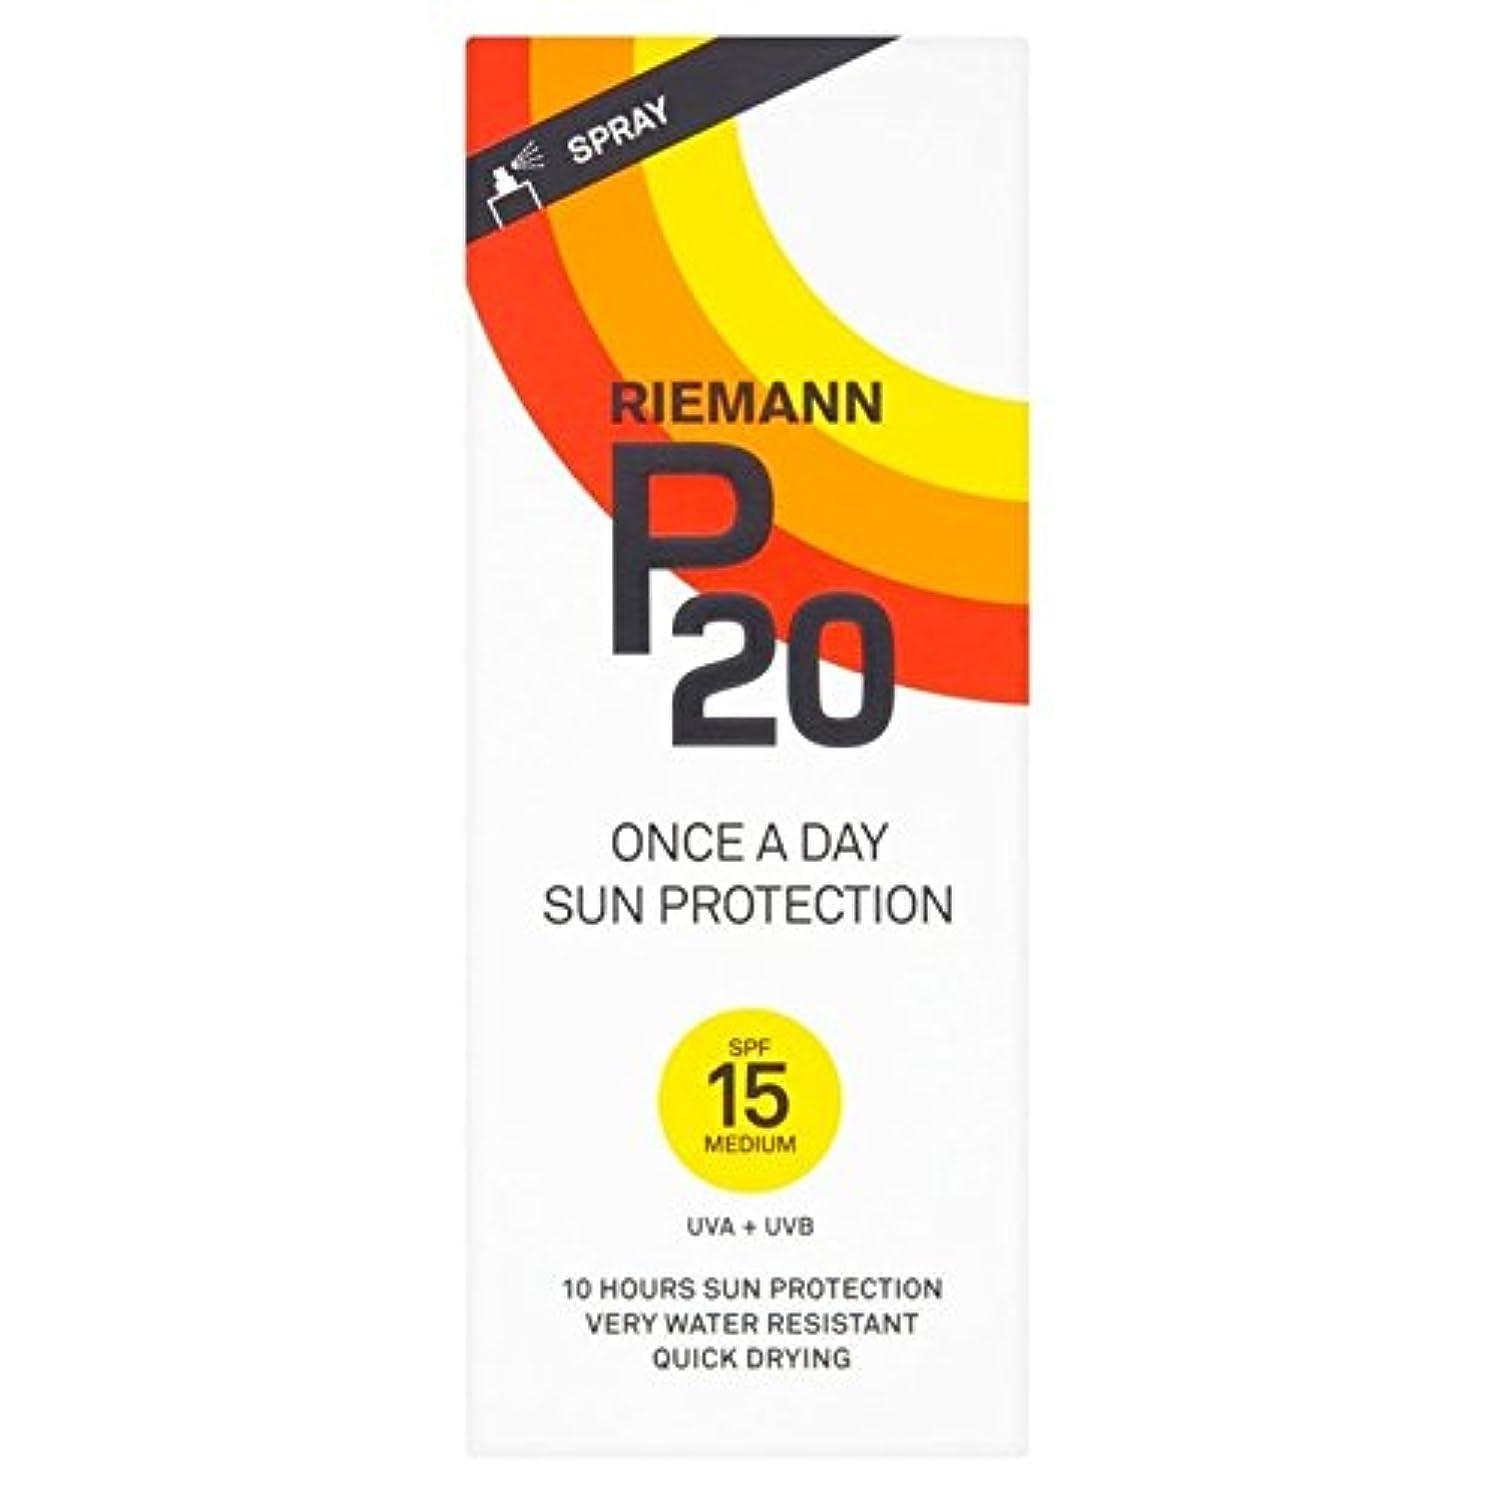 ホバート気まぐれな抗生物質Riemann P20 SPF15 1 Day/10 Hour Protection 200ml - リーマン20 15 1日/ 10時間の保護200ミリリットル [並行輸入品]